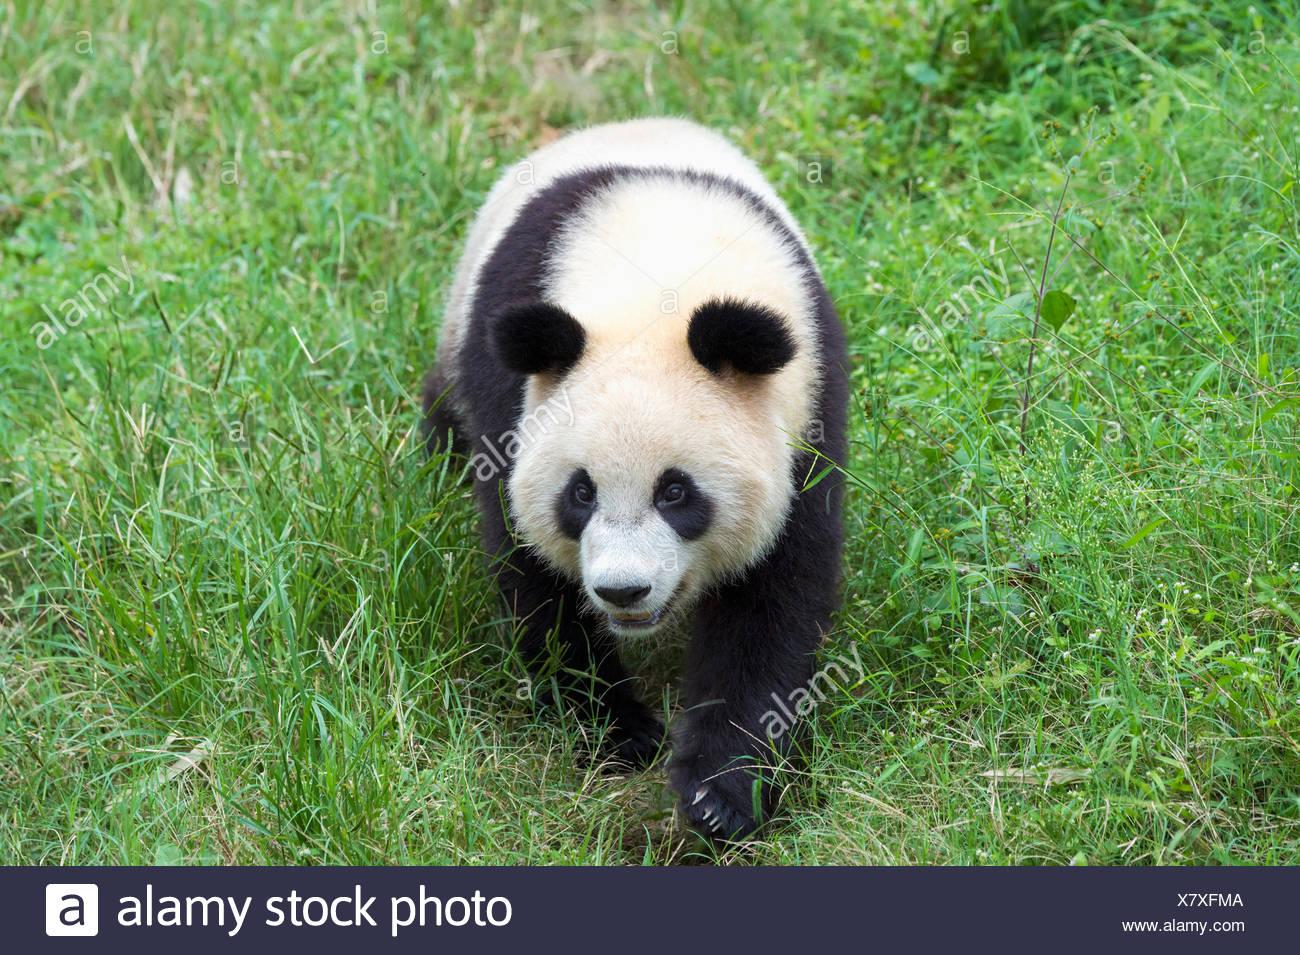 El panda gigante (Ailuropoda melanoleuca), China y el Centro de Investigación de la conservación de los Pandas Gigantes, de Chengdu, Sichuan, China Imagen De Stock